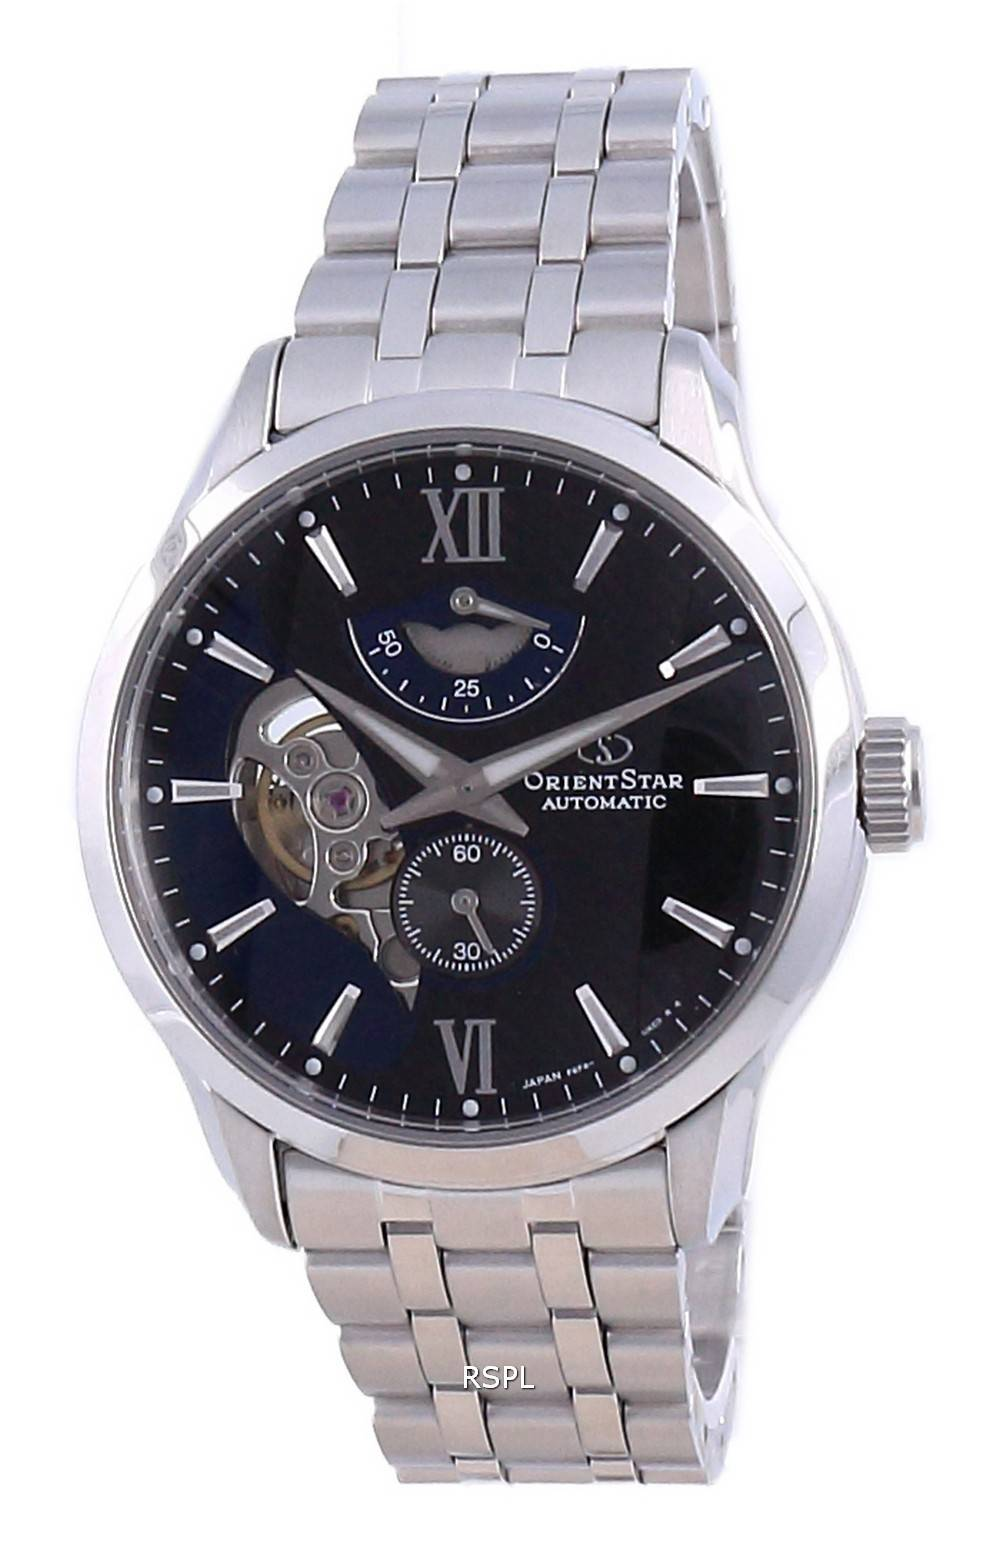 Orient Star Contemporary avoin sydän automaattinen RE-AV0B03B00B 100M naisten kello